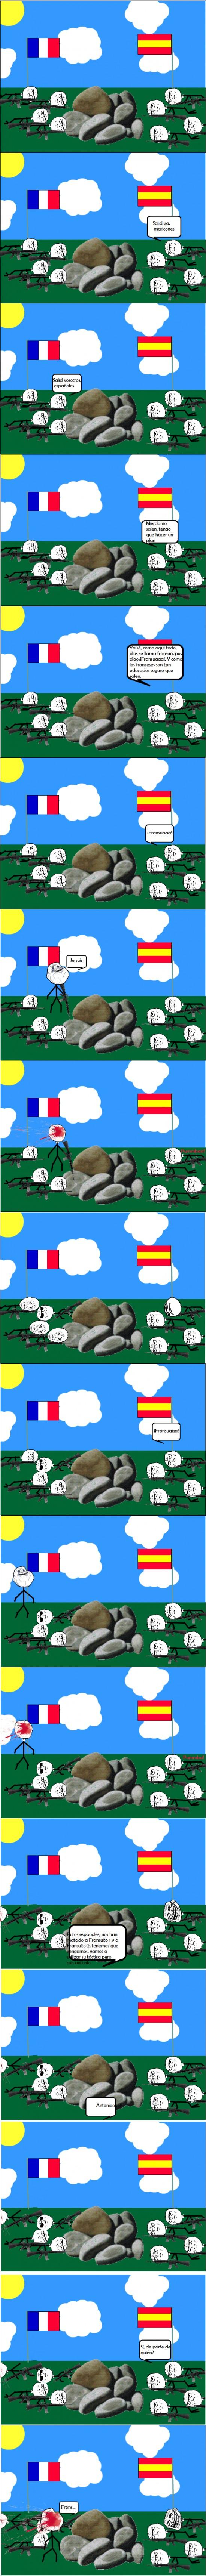 españoles,franceses,francia,guerra,troll